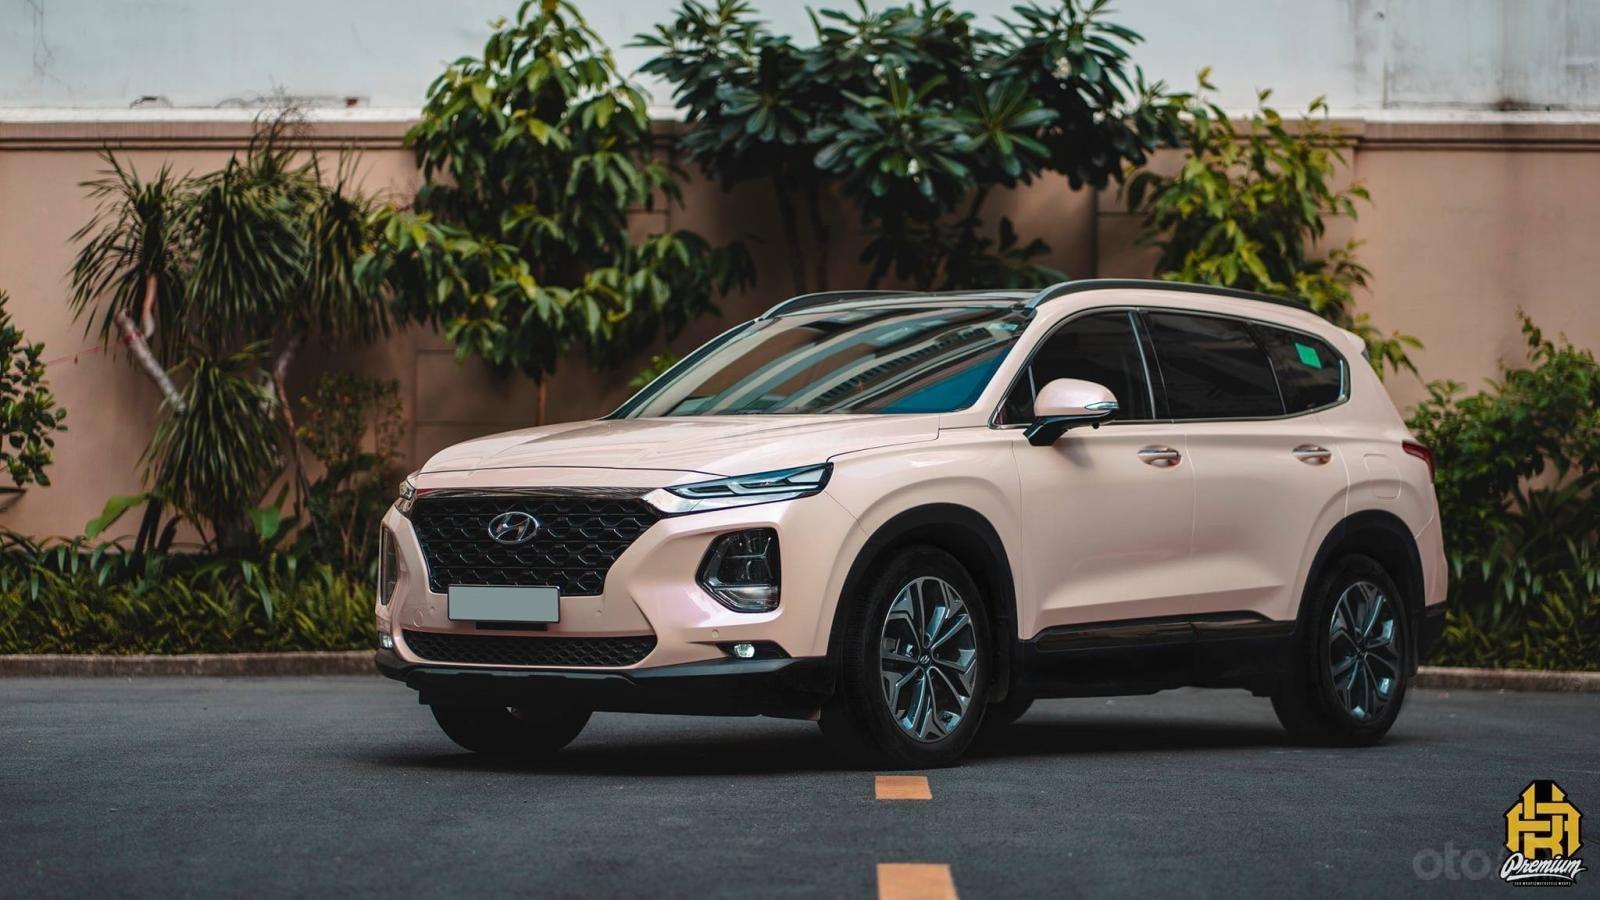 Bán Hyundai Santa Fe 2020 chỉ từ 293 triệu - ưu đãi lớn, giảm giá tiền mặt + tặng kèm phụ kiện chính hãng (2)